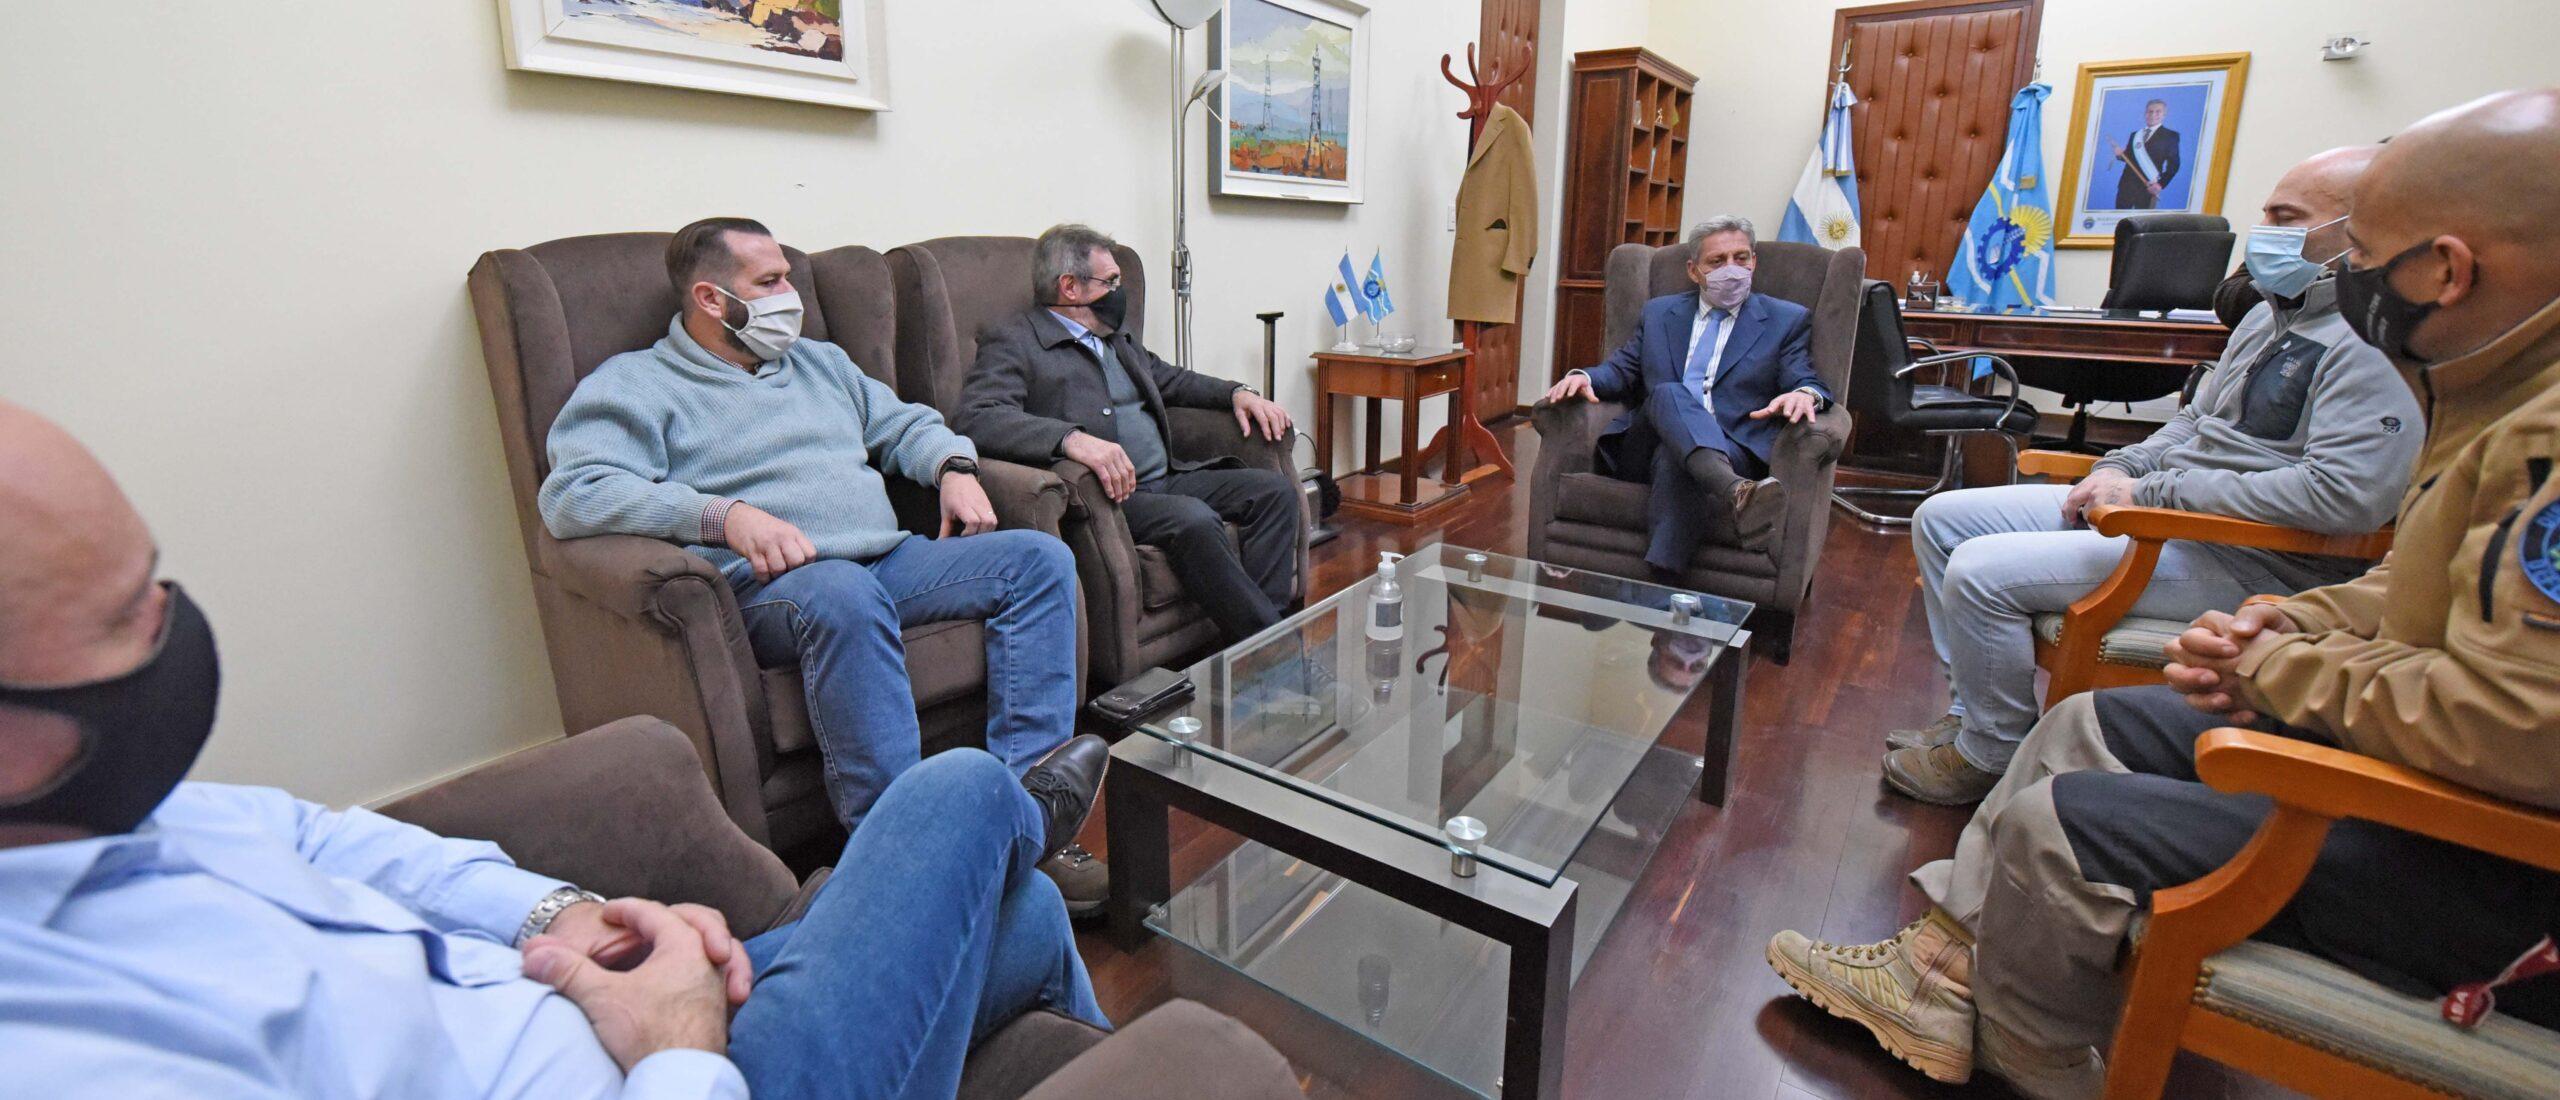 El Gobernador Arcioni recibió al subsecretario de Protección Civil de la Nación